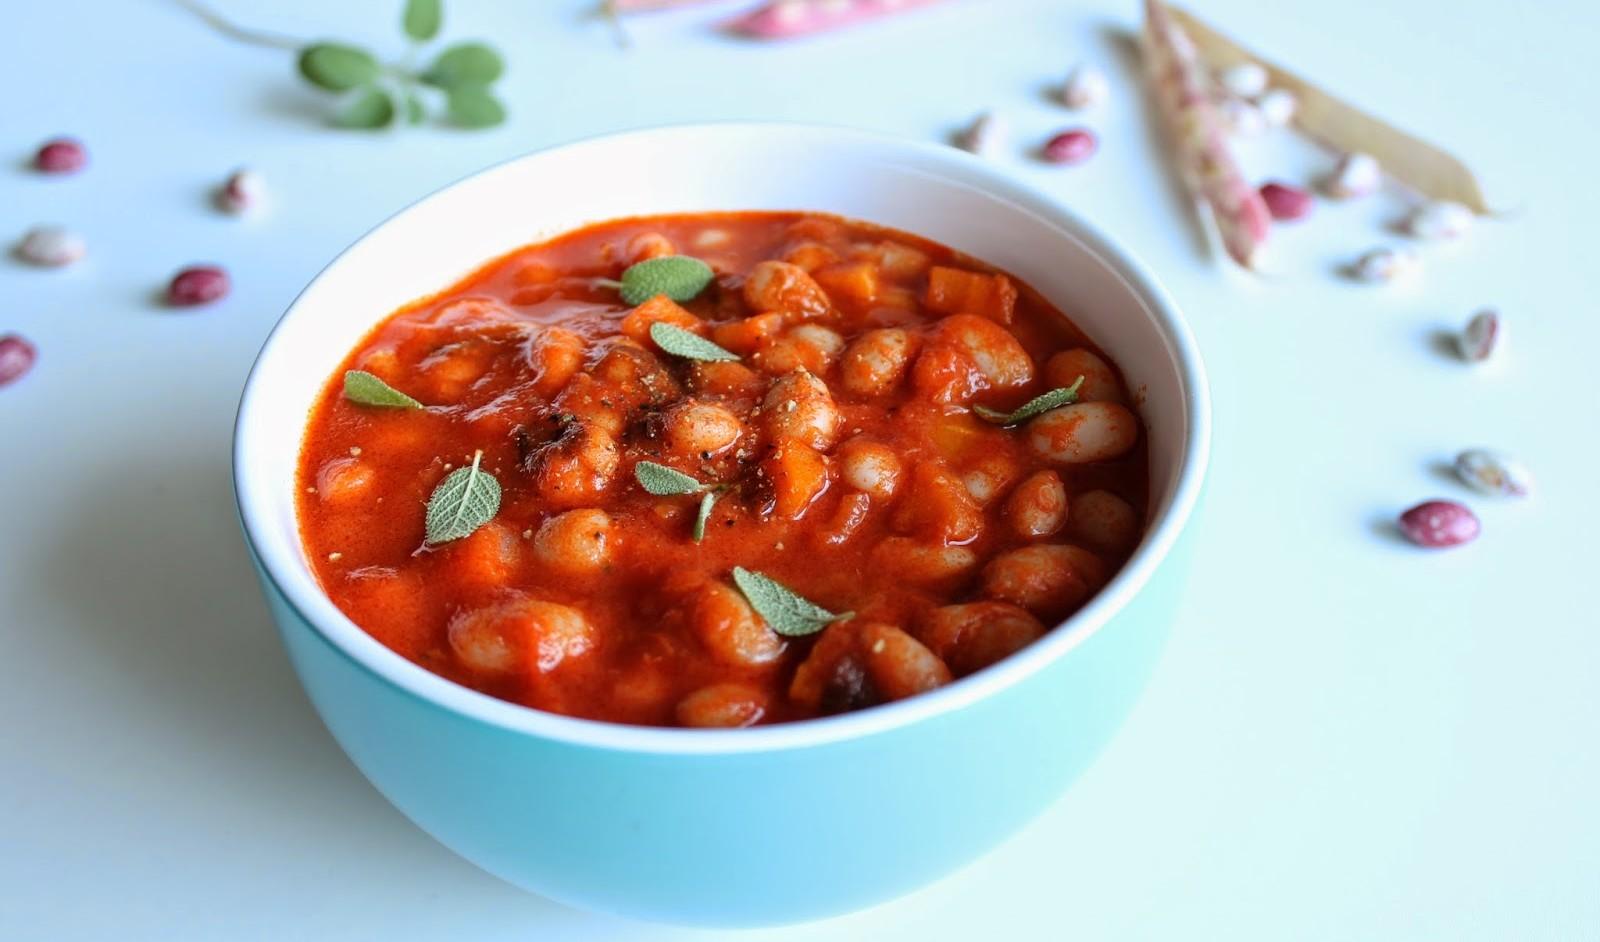 Фасоль красная в томатном соусе рецепты 17